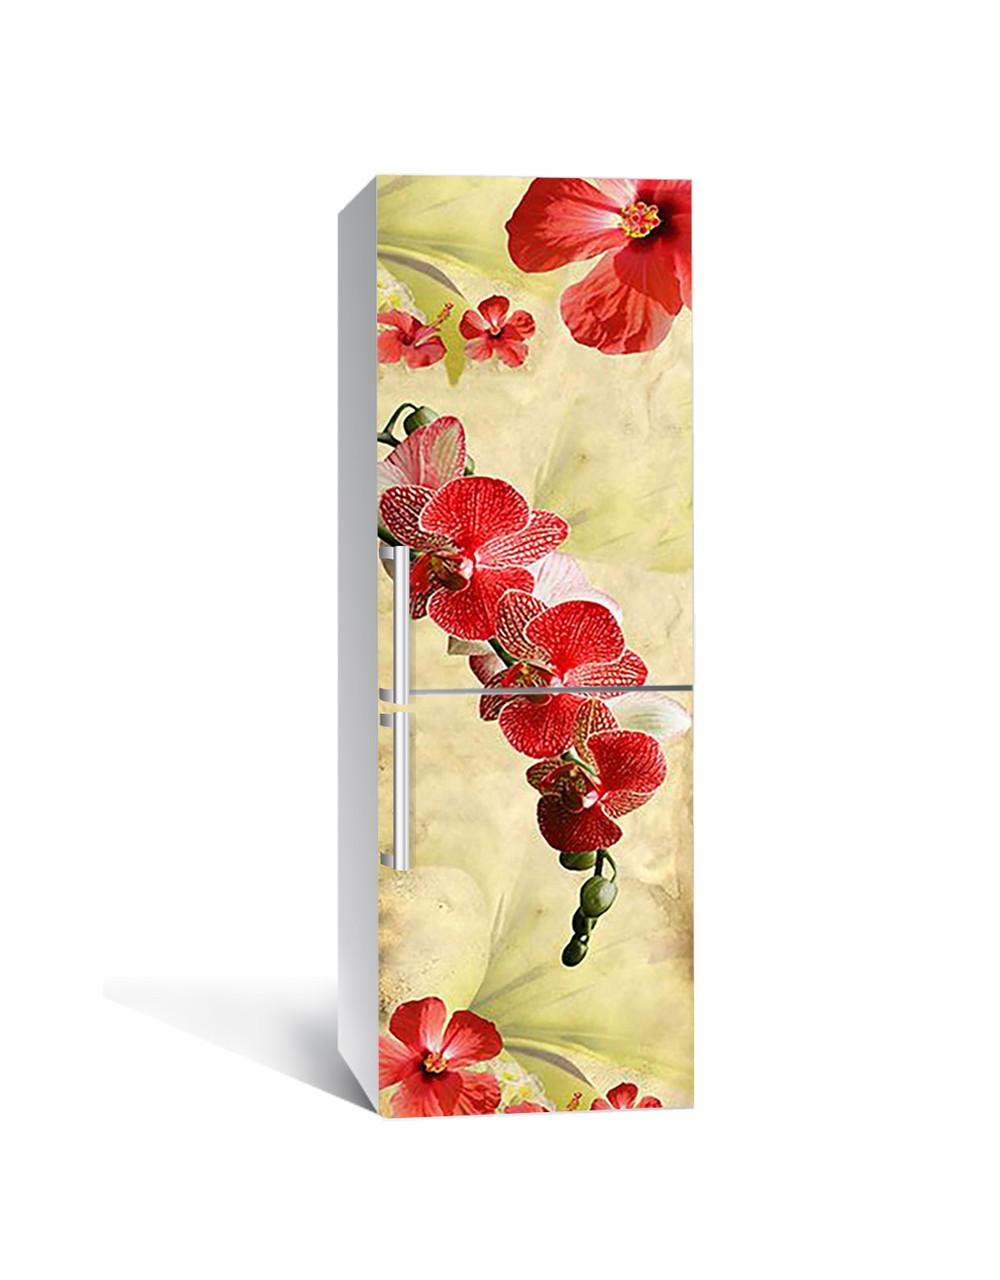 Интерьерная наклейка на холодильник Ветки Красных Орхидей (виниловая пленка ламинированная ПВХ) цветы Бежевый 650*2000 мм